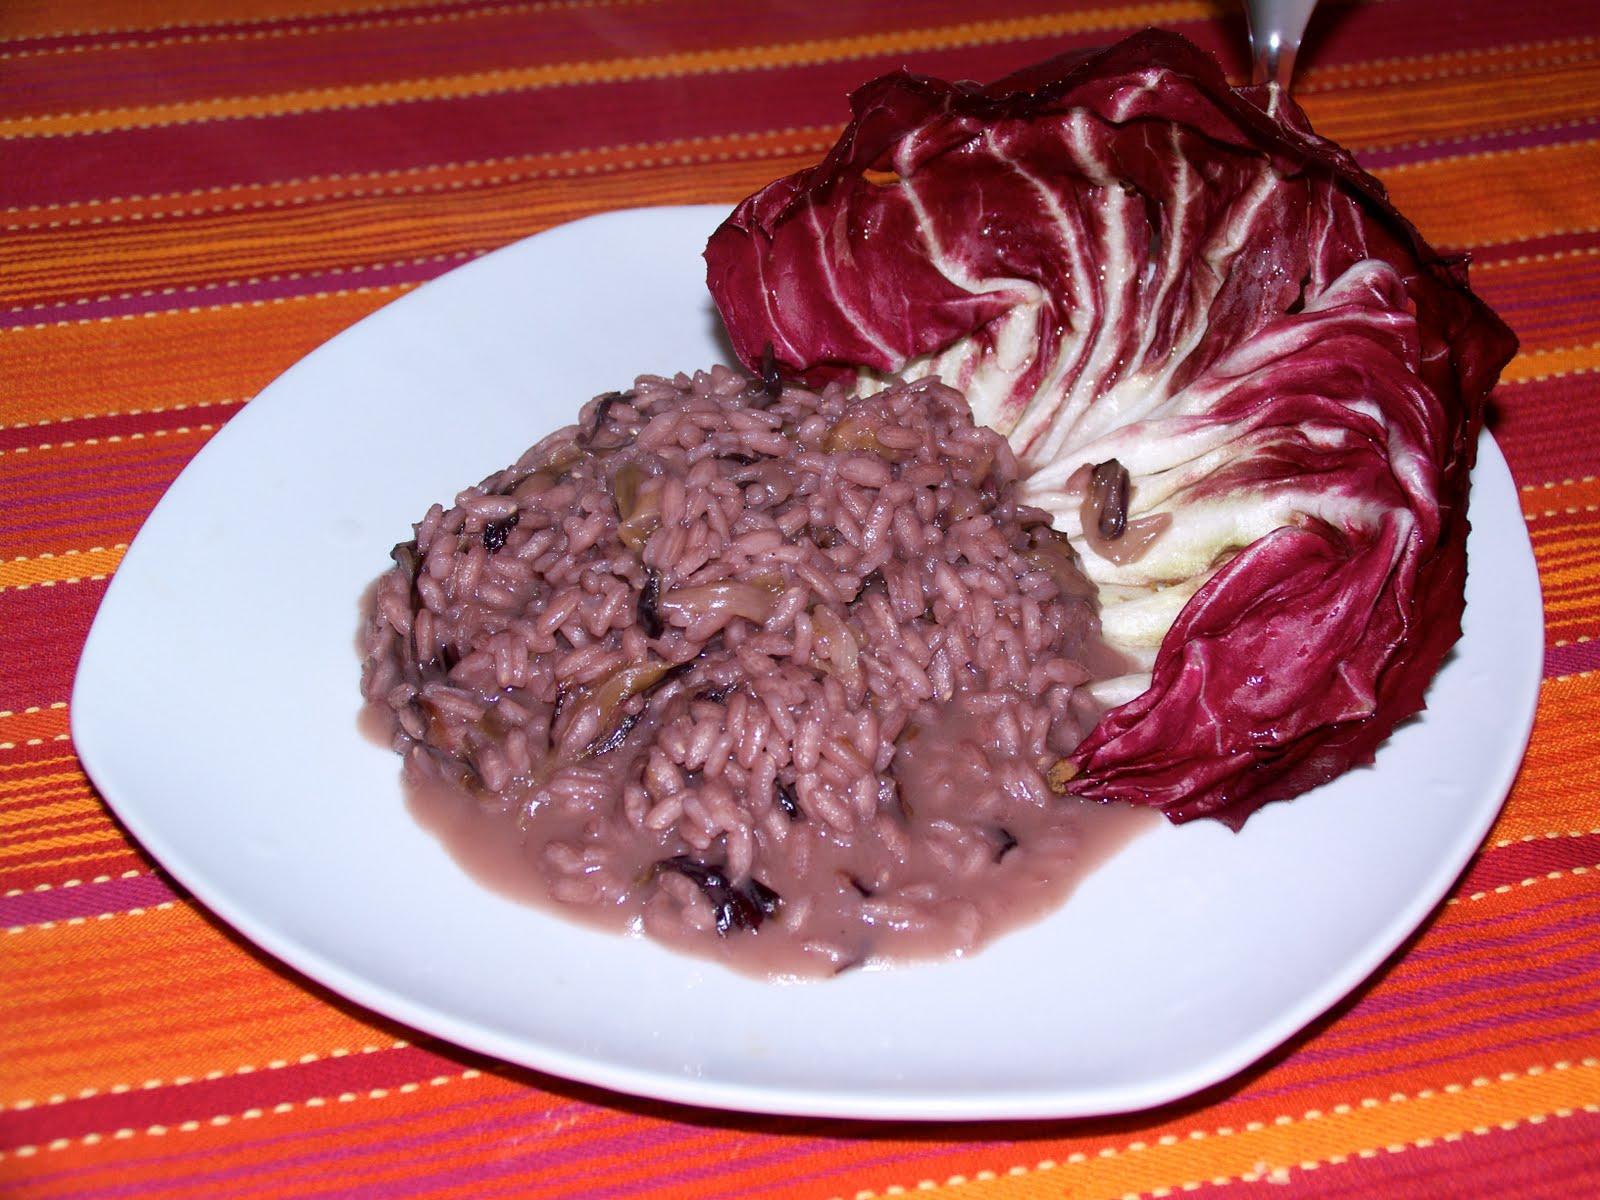 Le Ricette di Muflina: Primi piatti - Risotto al radicchio rosso